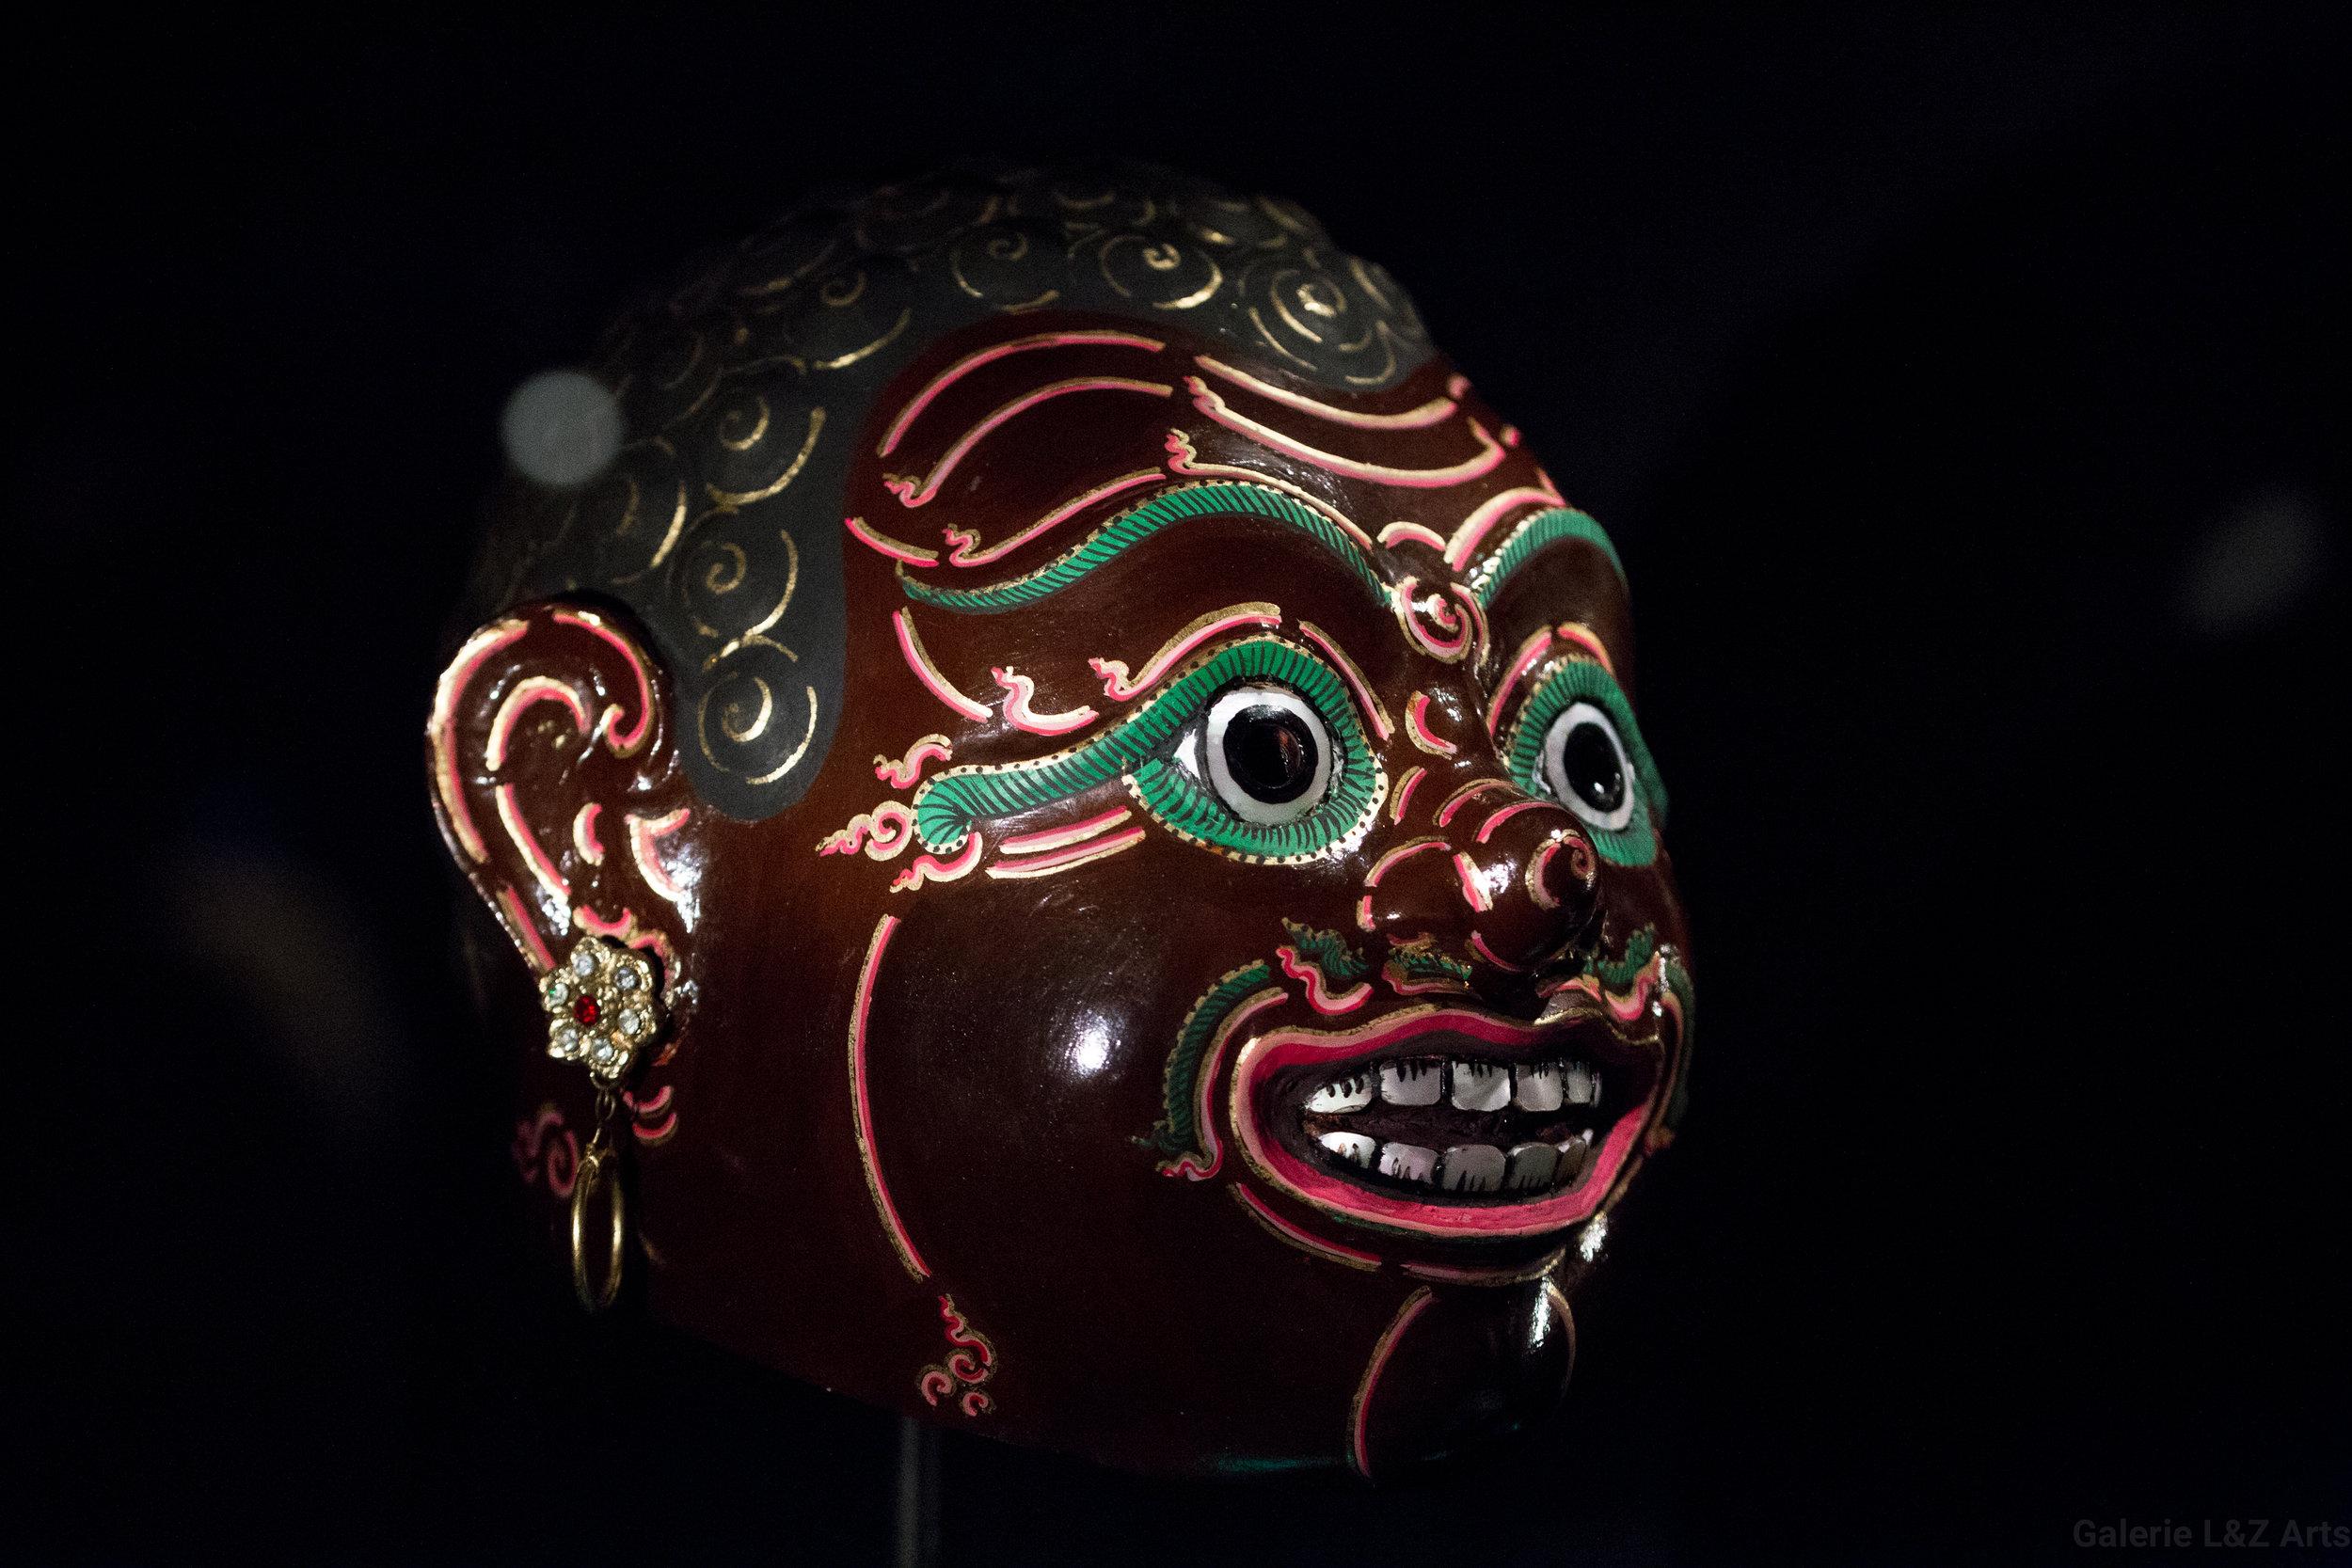 exposition-masque-art-tribal-africain-musee-quai-branly-belgique-galerie-lz-arts-liege-cite-miroir-oceanie-asie-japon-amerique-art-premier-nepal-45.jpg